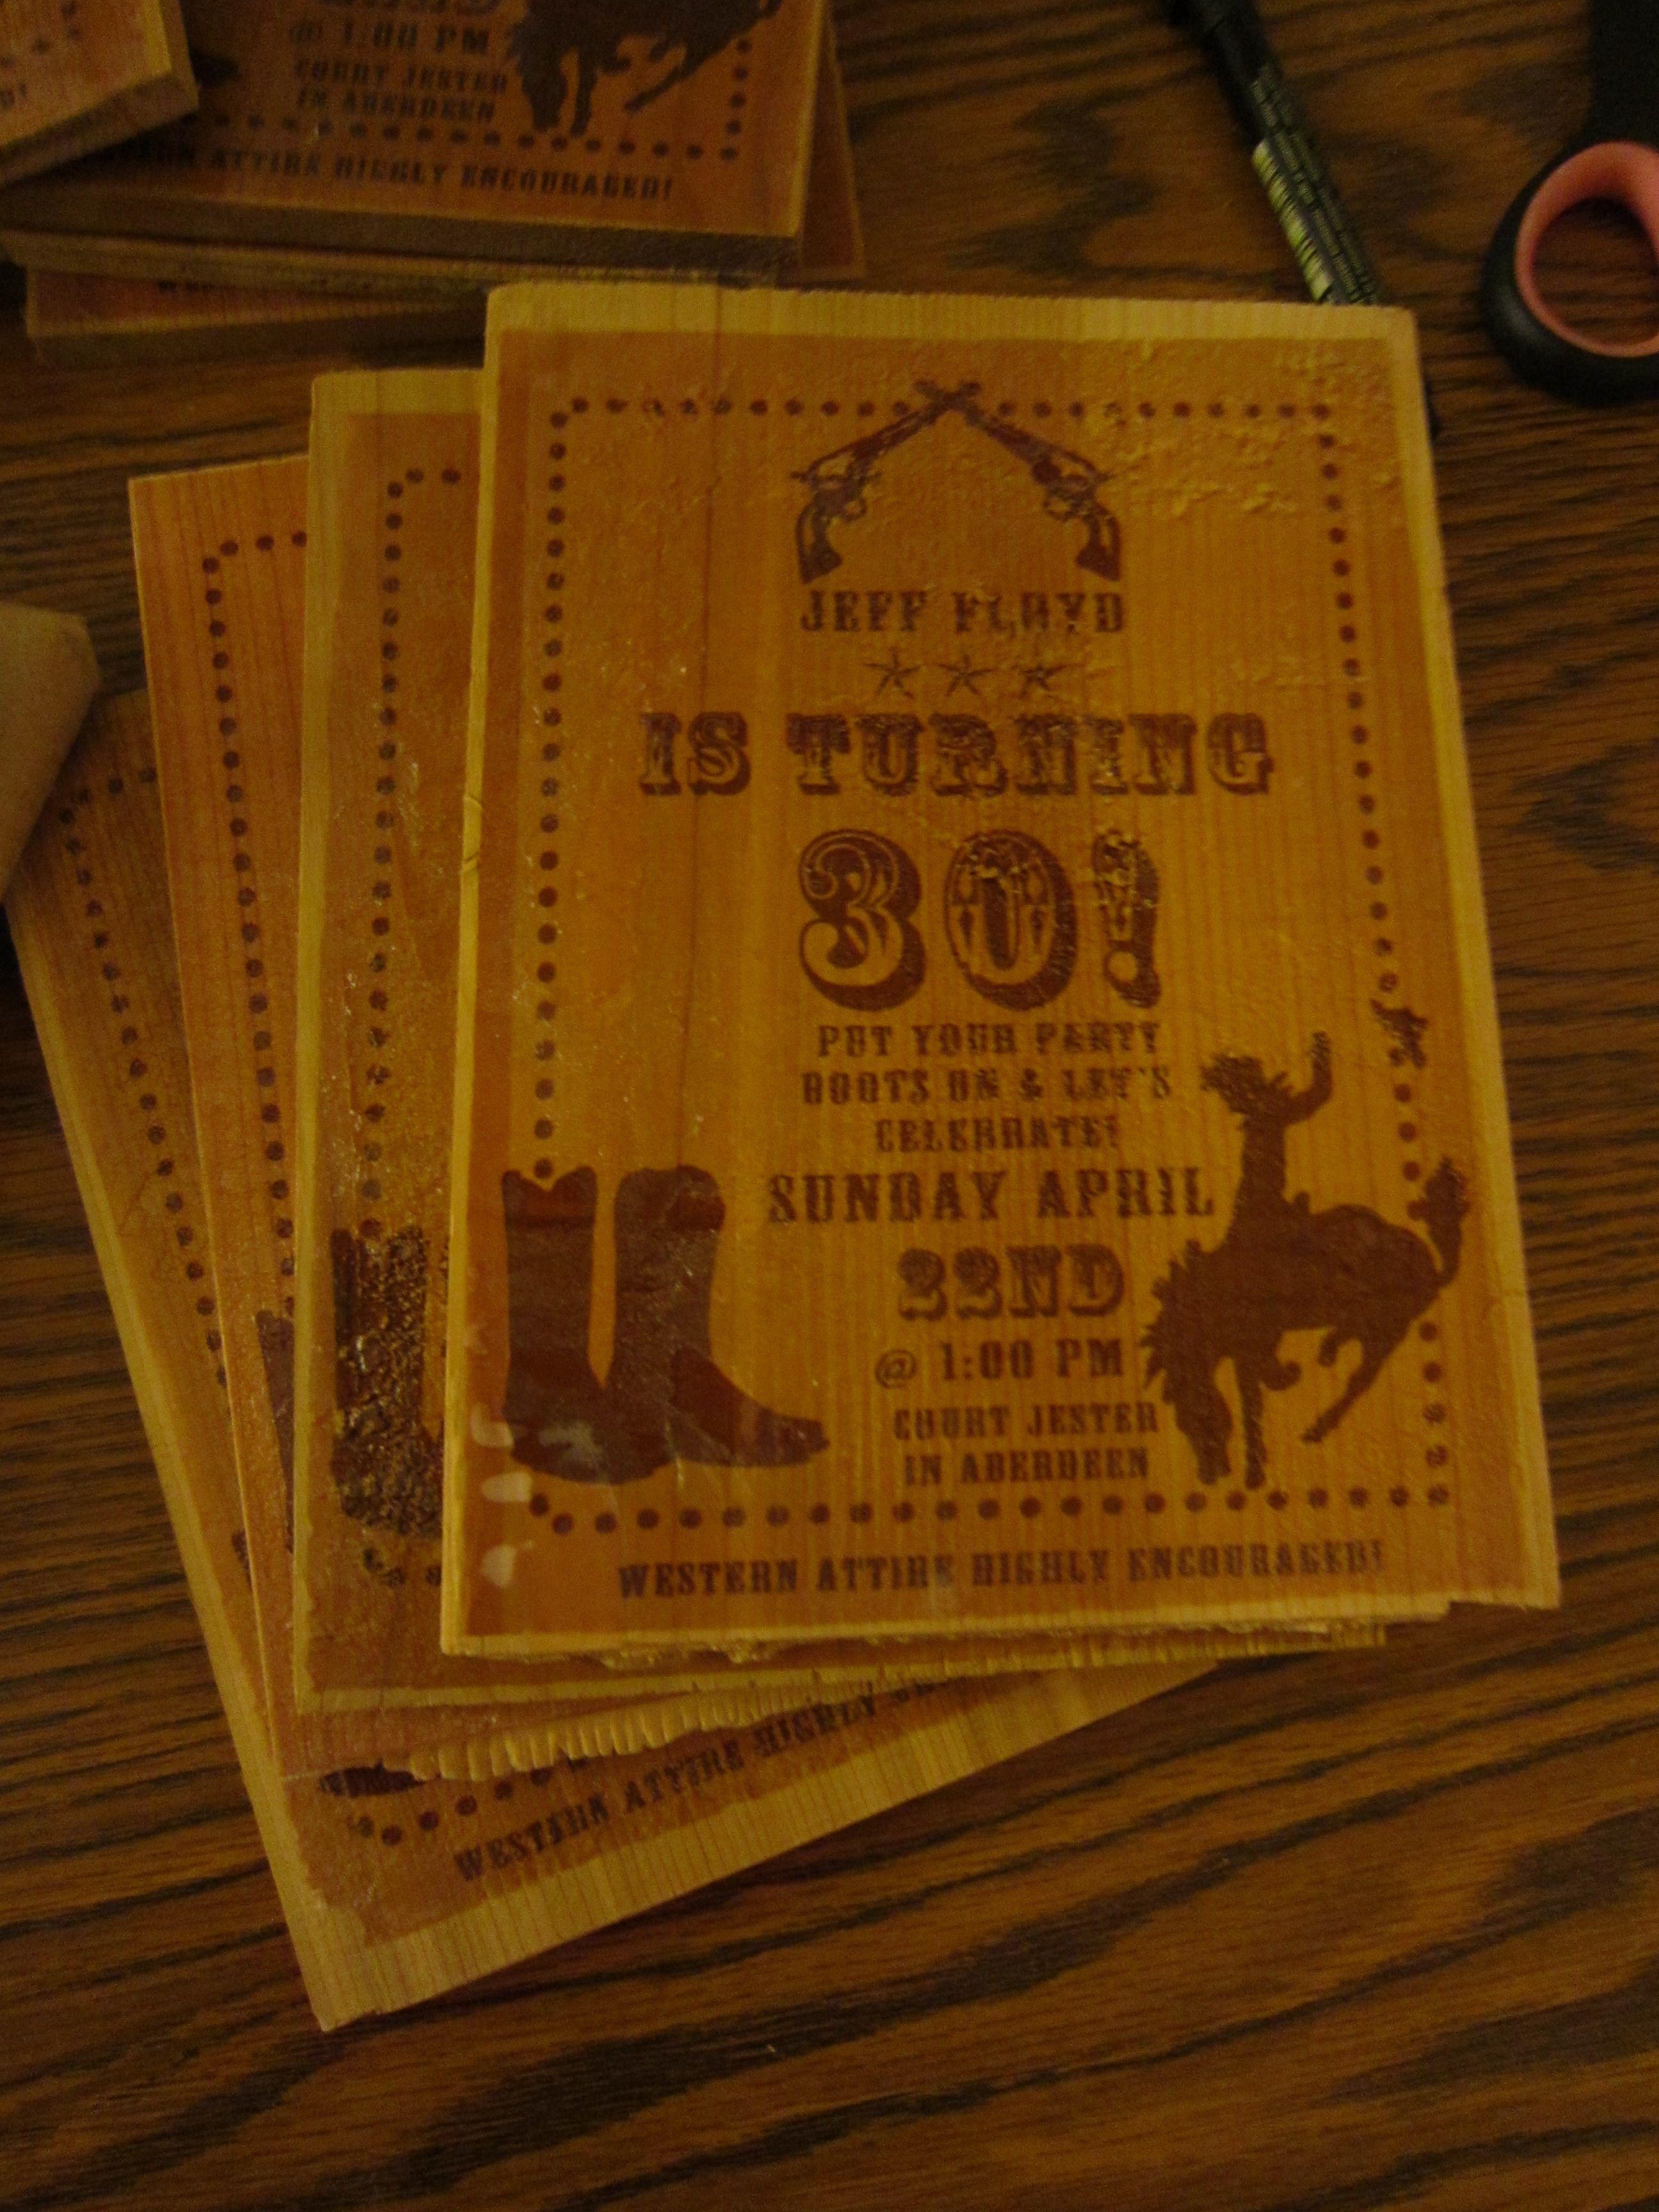 Cowboy/Western 30th Birthday Invites | Cowgirl Dirty 30 | Pinterest ...